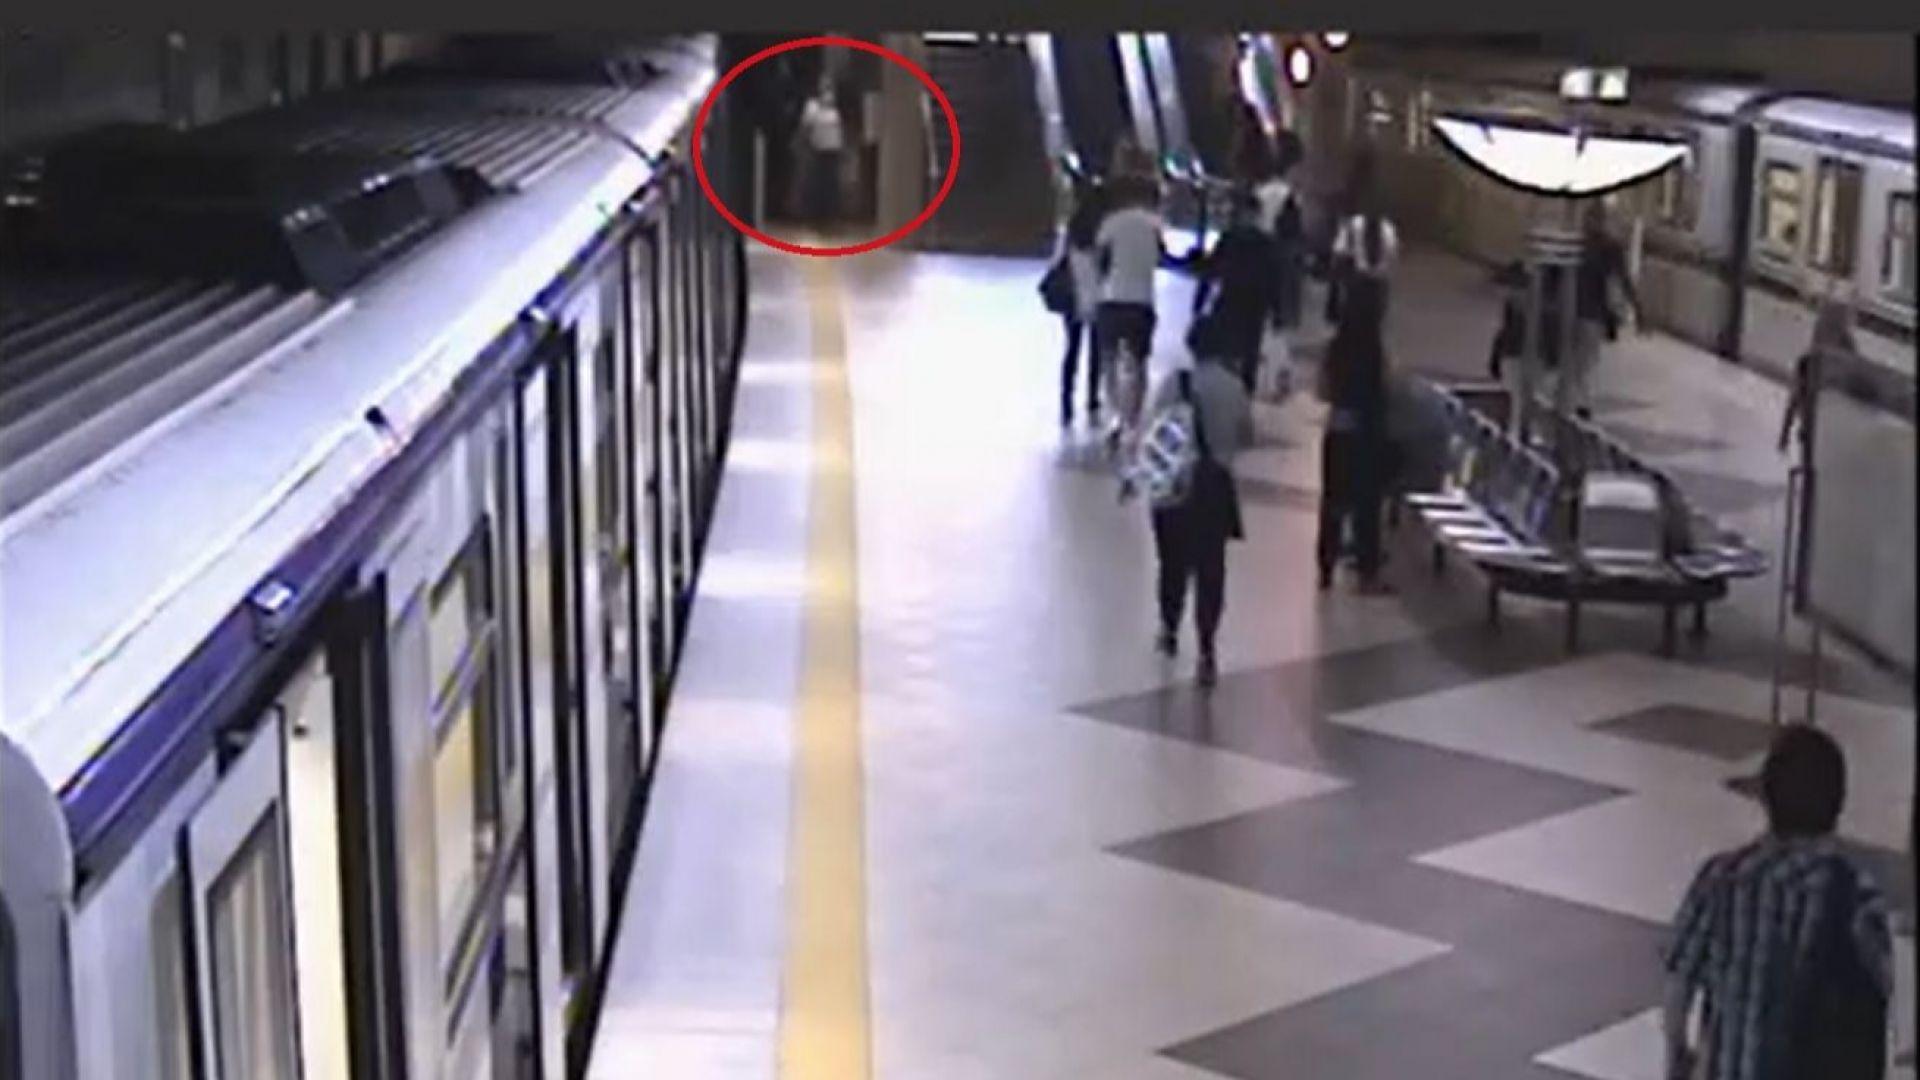 Прокуратурата нареди на МВР и Фандъкова: Спешна проверка на сигурността в метрото